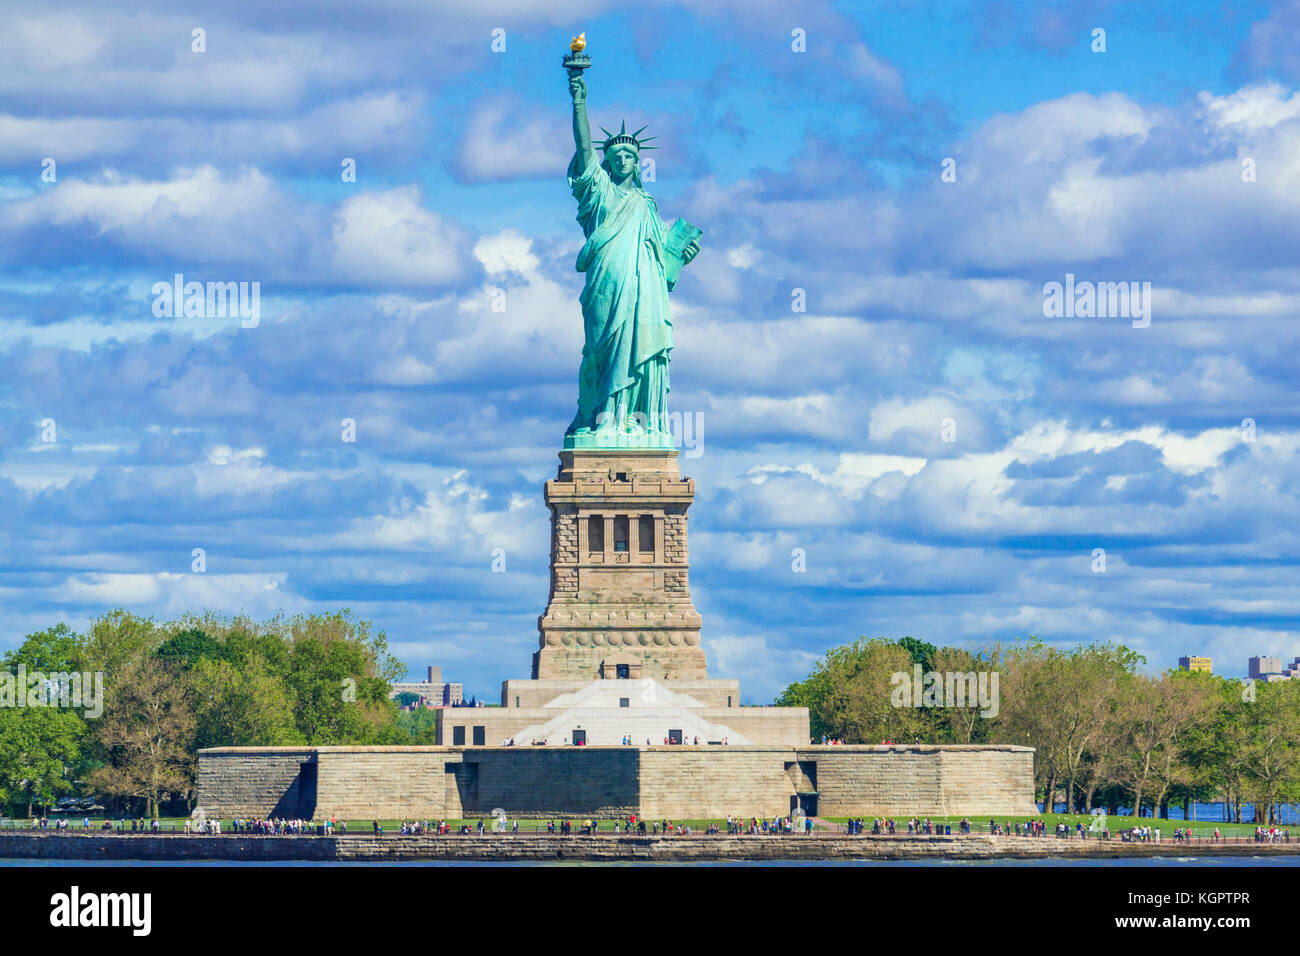 Statua della Libertà di New York la Statua della Libertà New York City Statua di Liberty Island nello stato di New York Stati Uniti d'America us stati uniti d'America Foto Stock